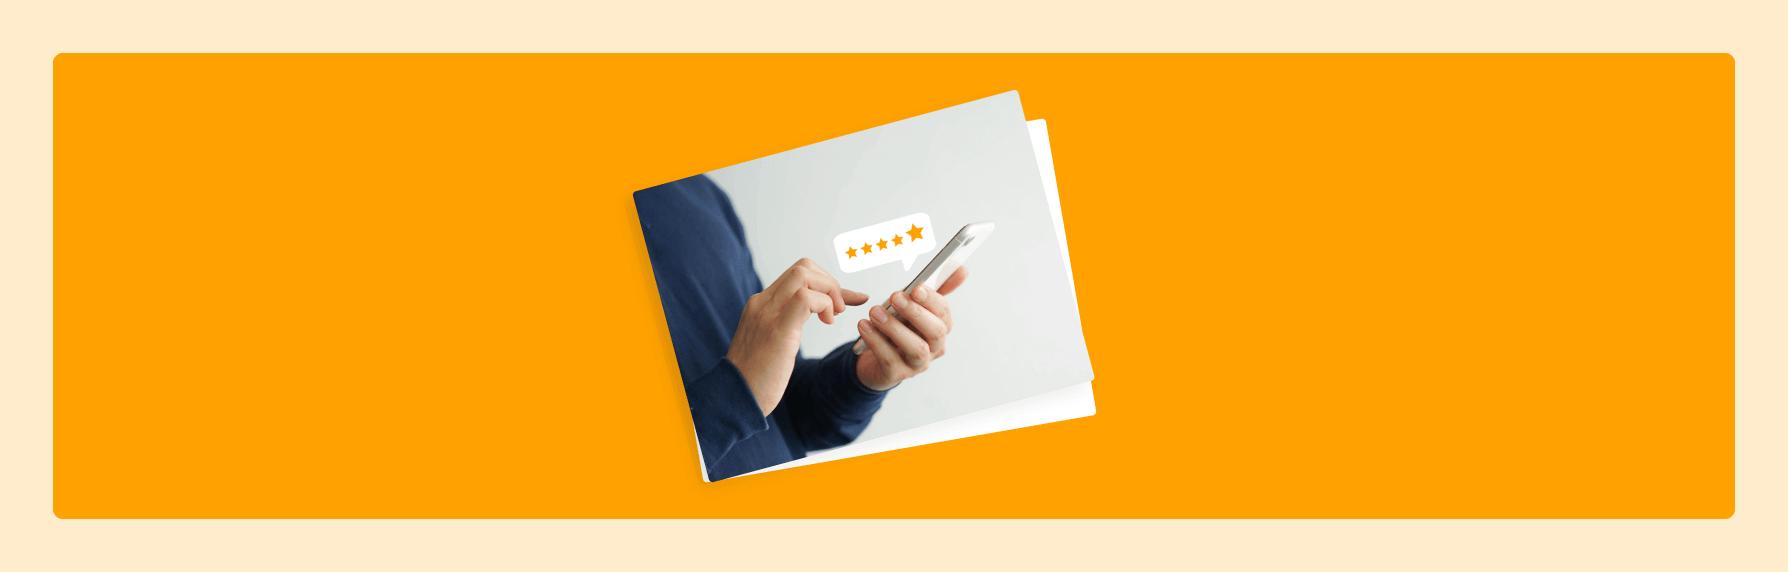 Der richtige Umgang mit Online-Bewertungen